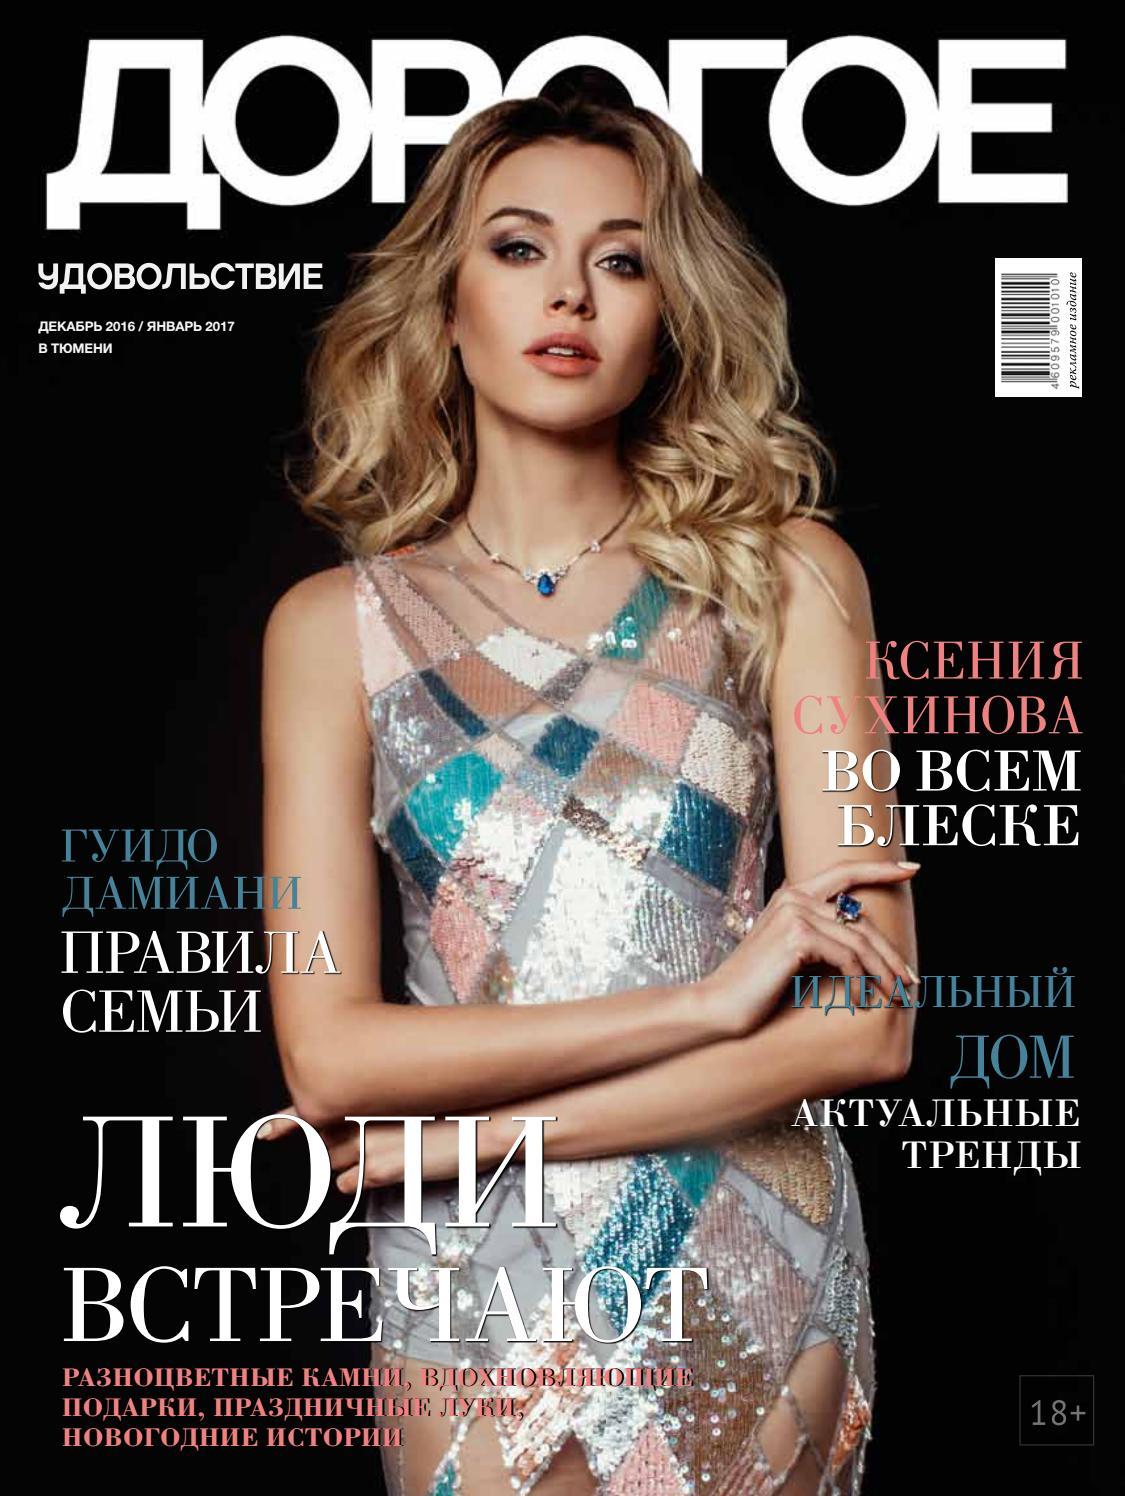 владивостокский журнал дорогое удовольствие